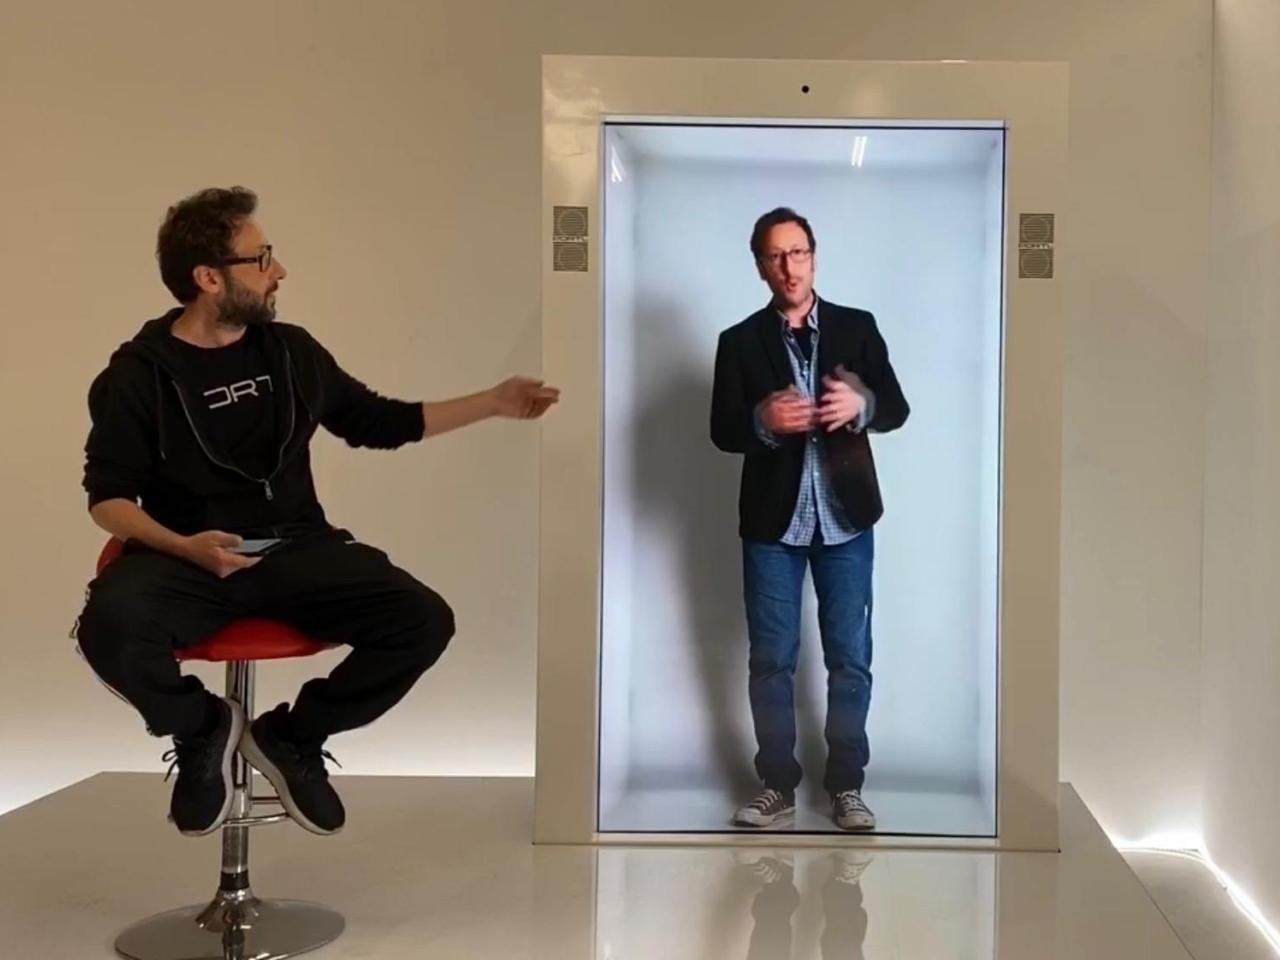 ホログラムのようにリモートの人を映す「PORTL」デバイス--オンライン会議もよりリアルに? - ZDNet Japan